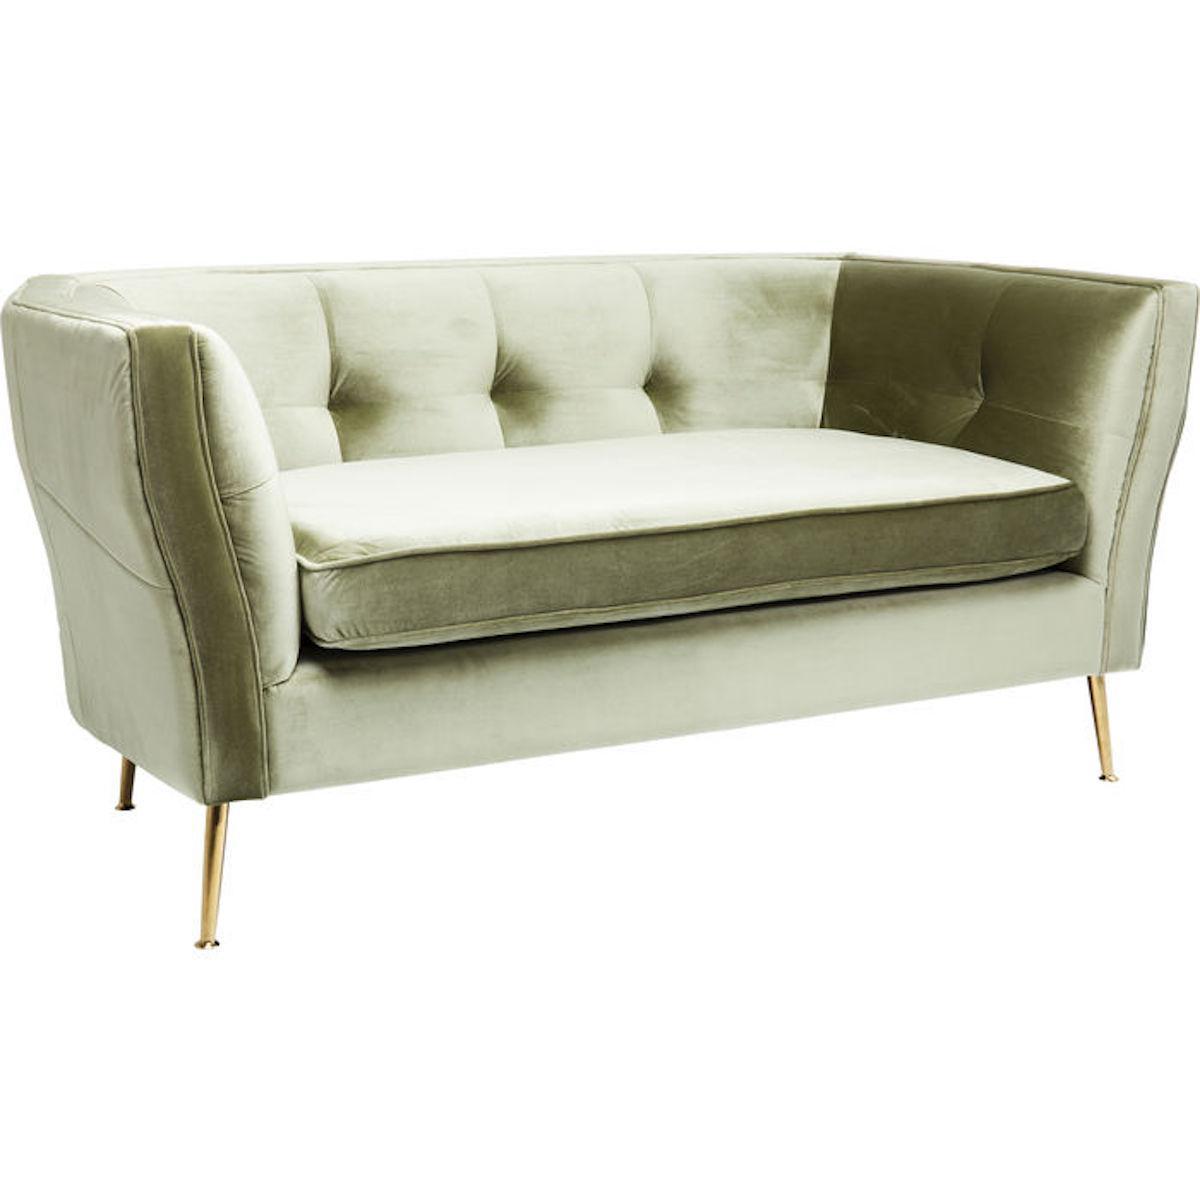 Canapé 2 places RIMINI Kare Design vert